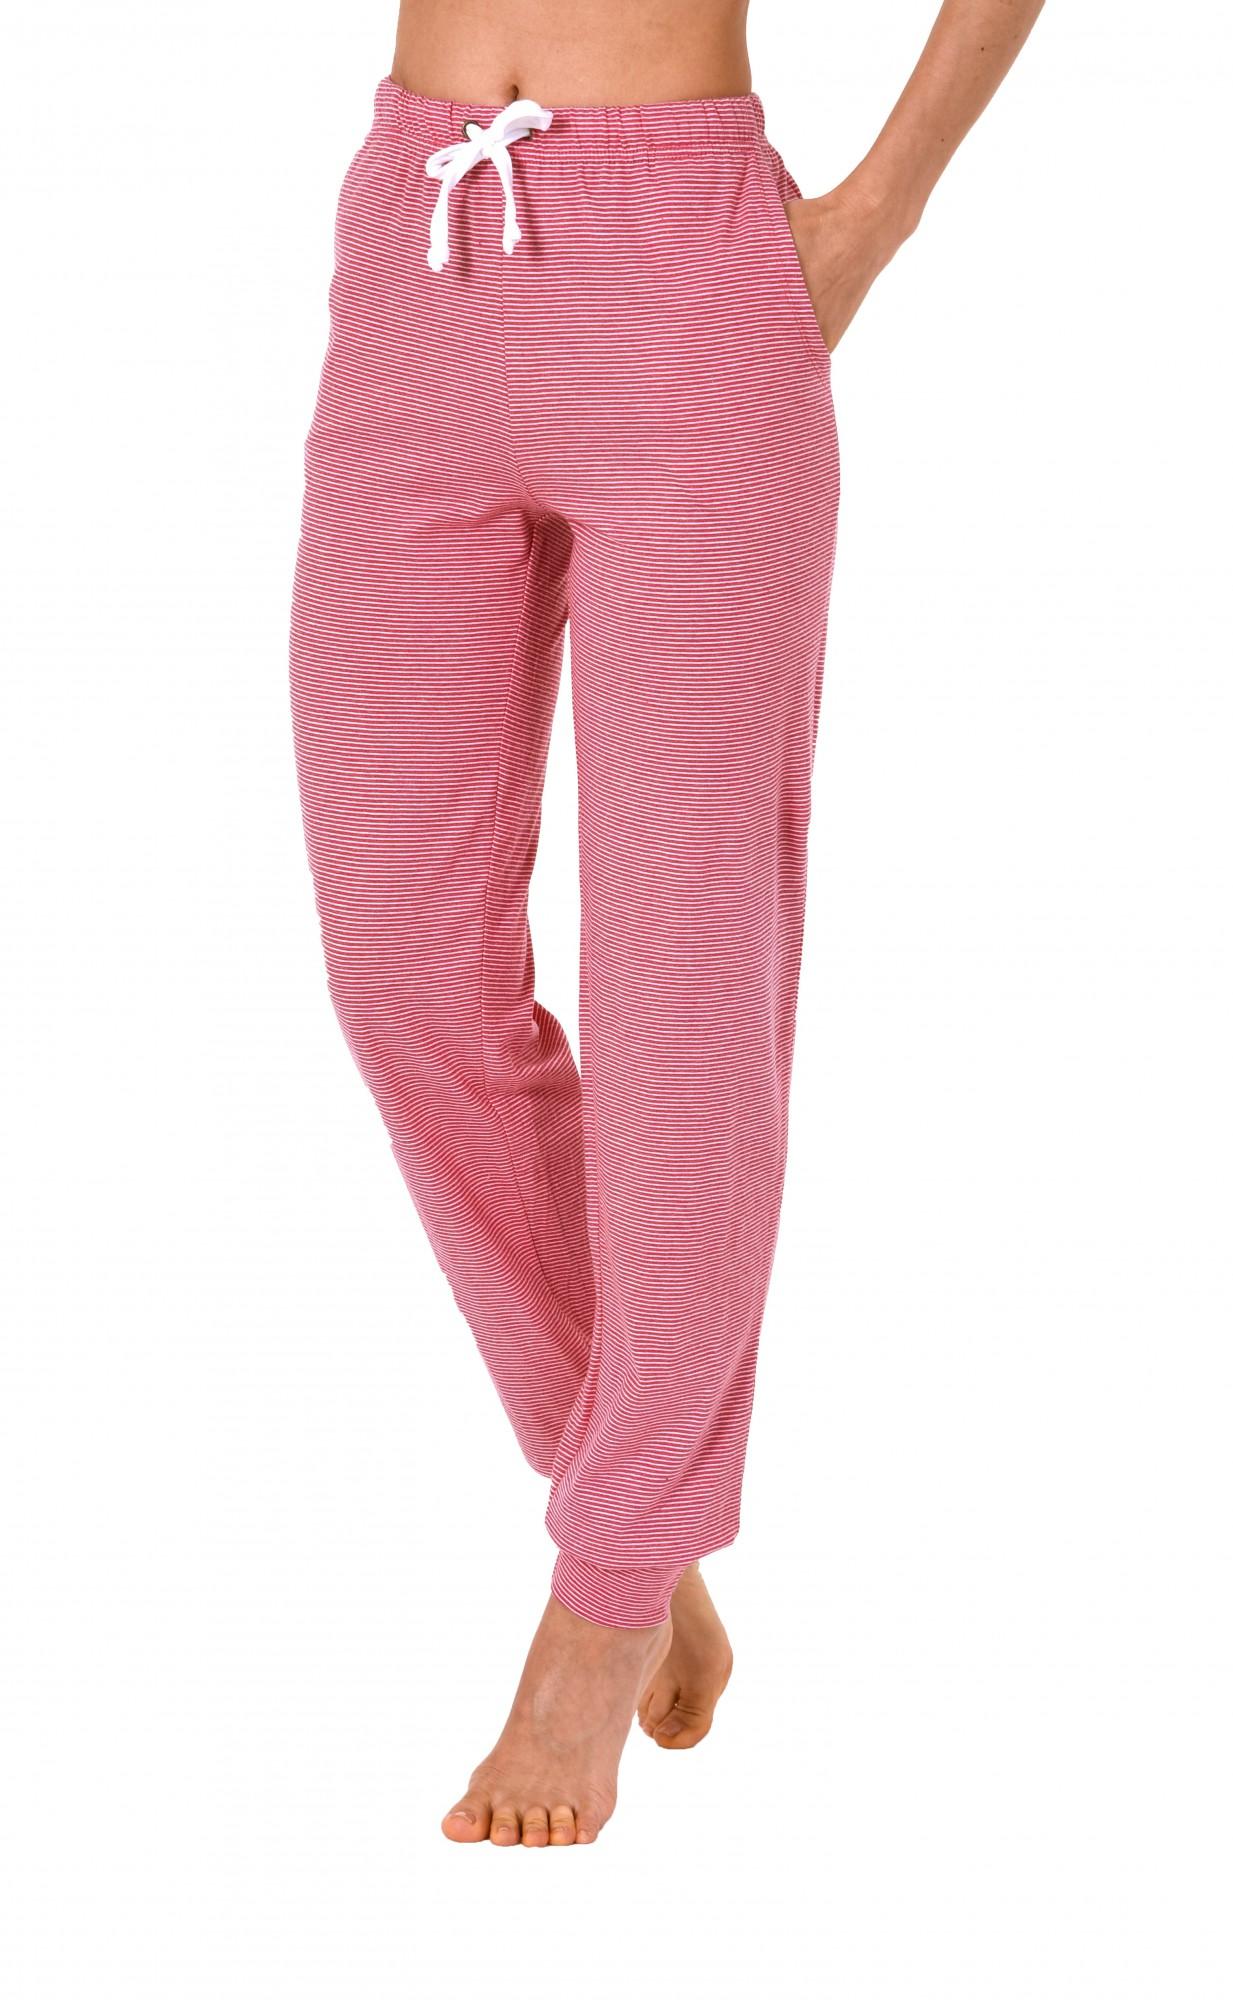 6be8a277279a Damen Pyjama Hose lang- Mix   Match – gestreift- ideal zum kombinieren 222  90